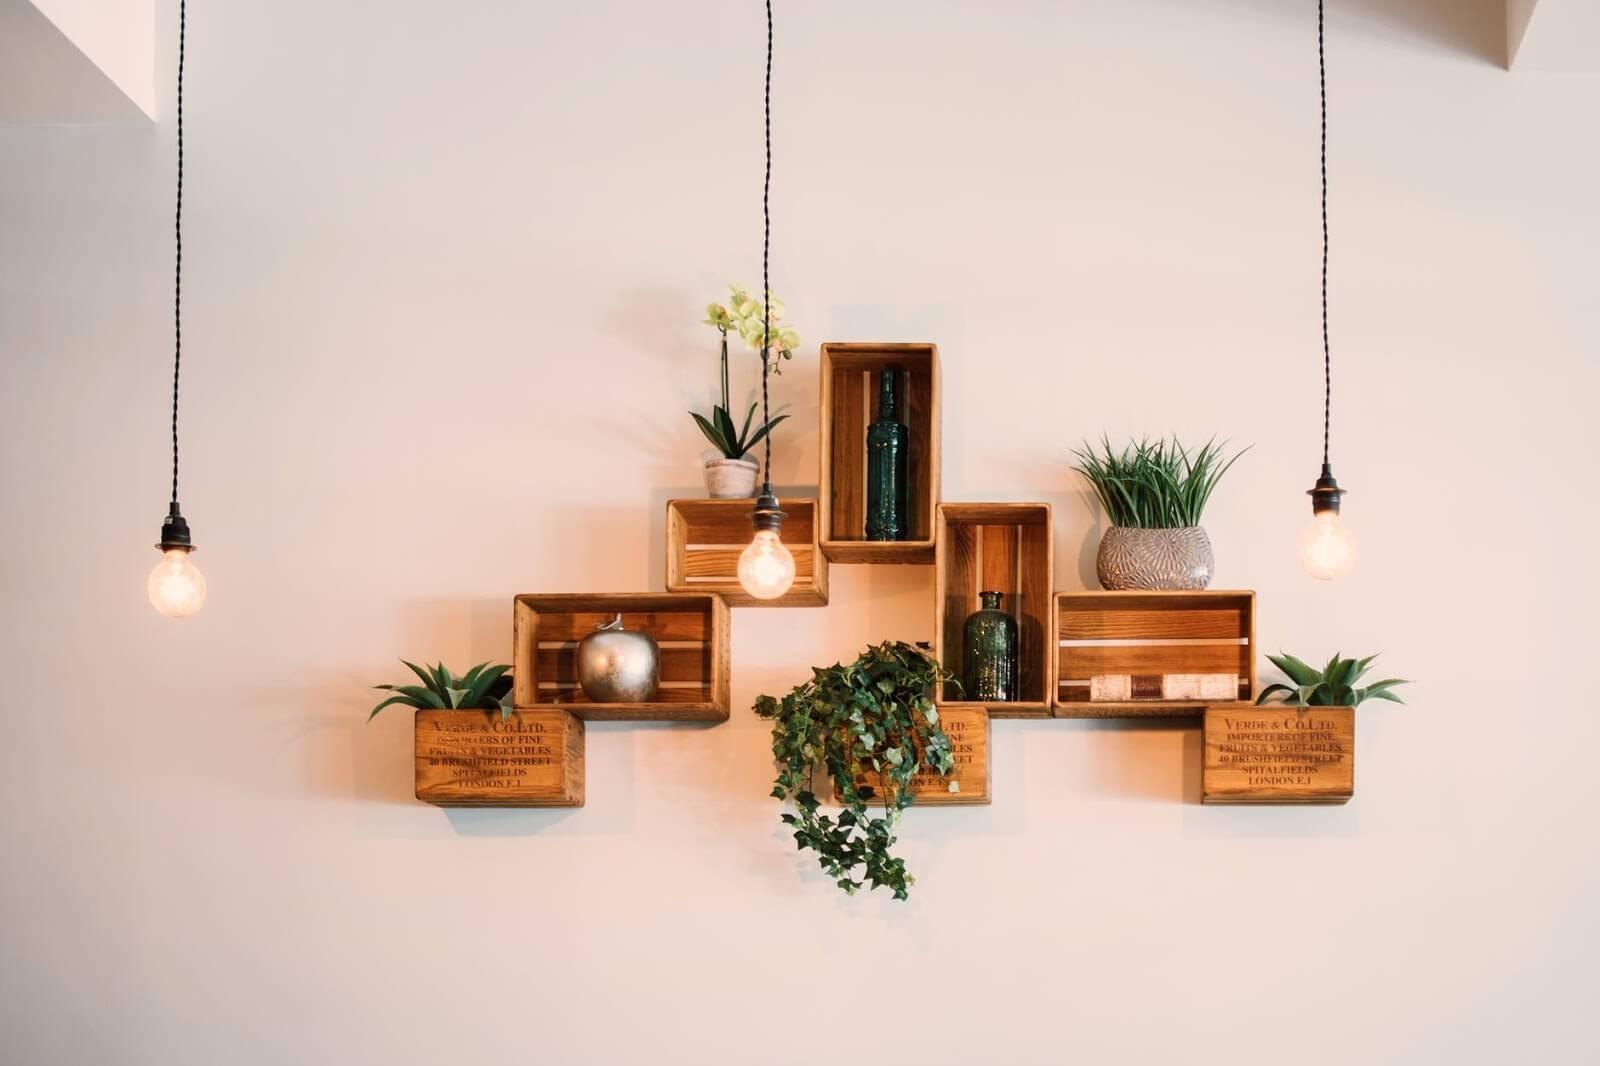 طريقة ترتيب الرفوف على الجدران-الرفوف المتداخلة